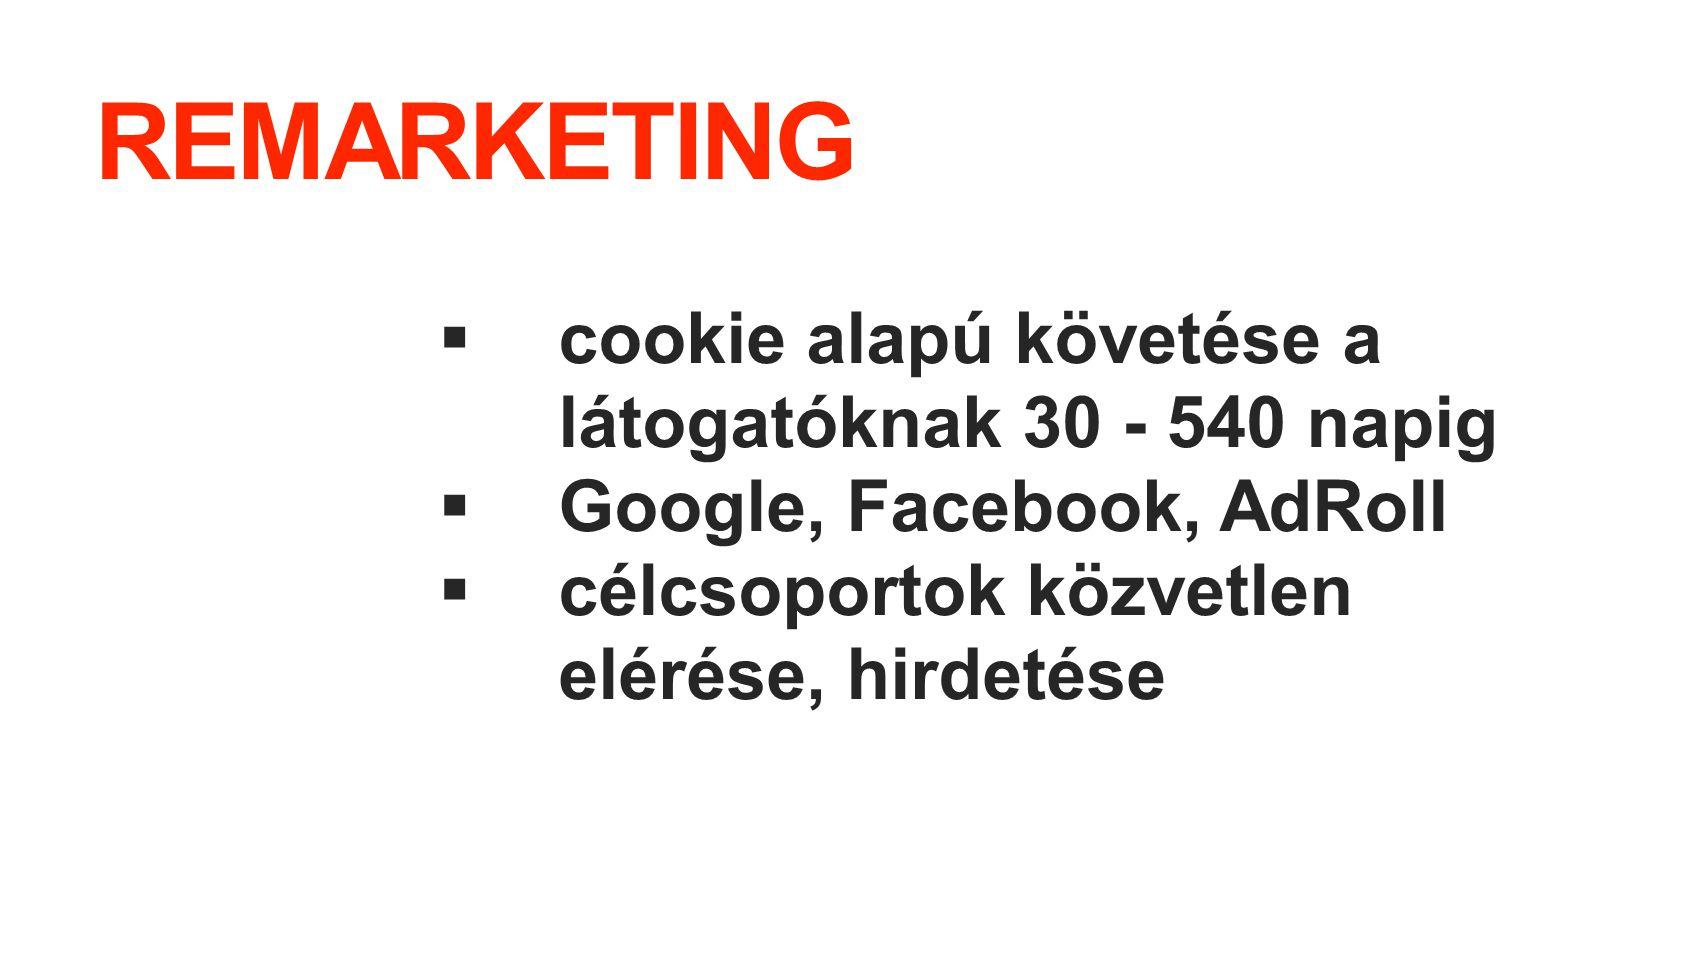 REMARKETING  cookie alapú követése a látogatóknak 30 - 540 napig  Google, Facebook, AdRoll  célcsoportok közvetlen elérése, hirdetése